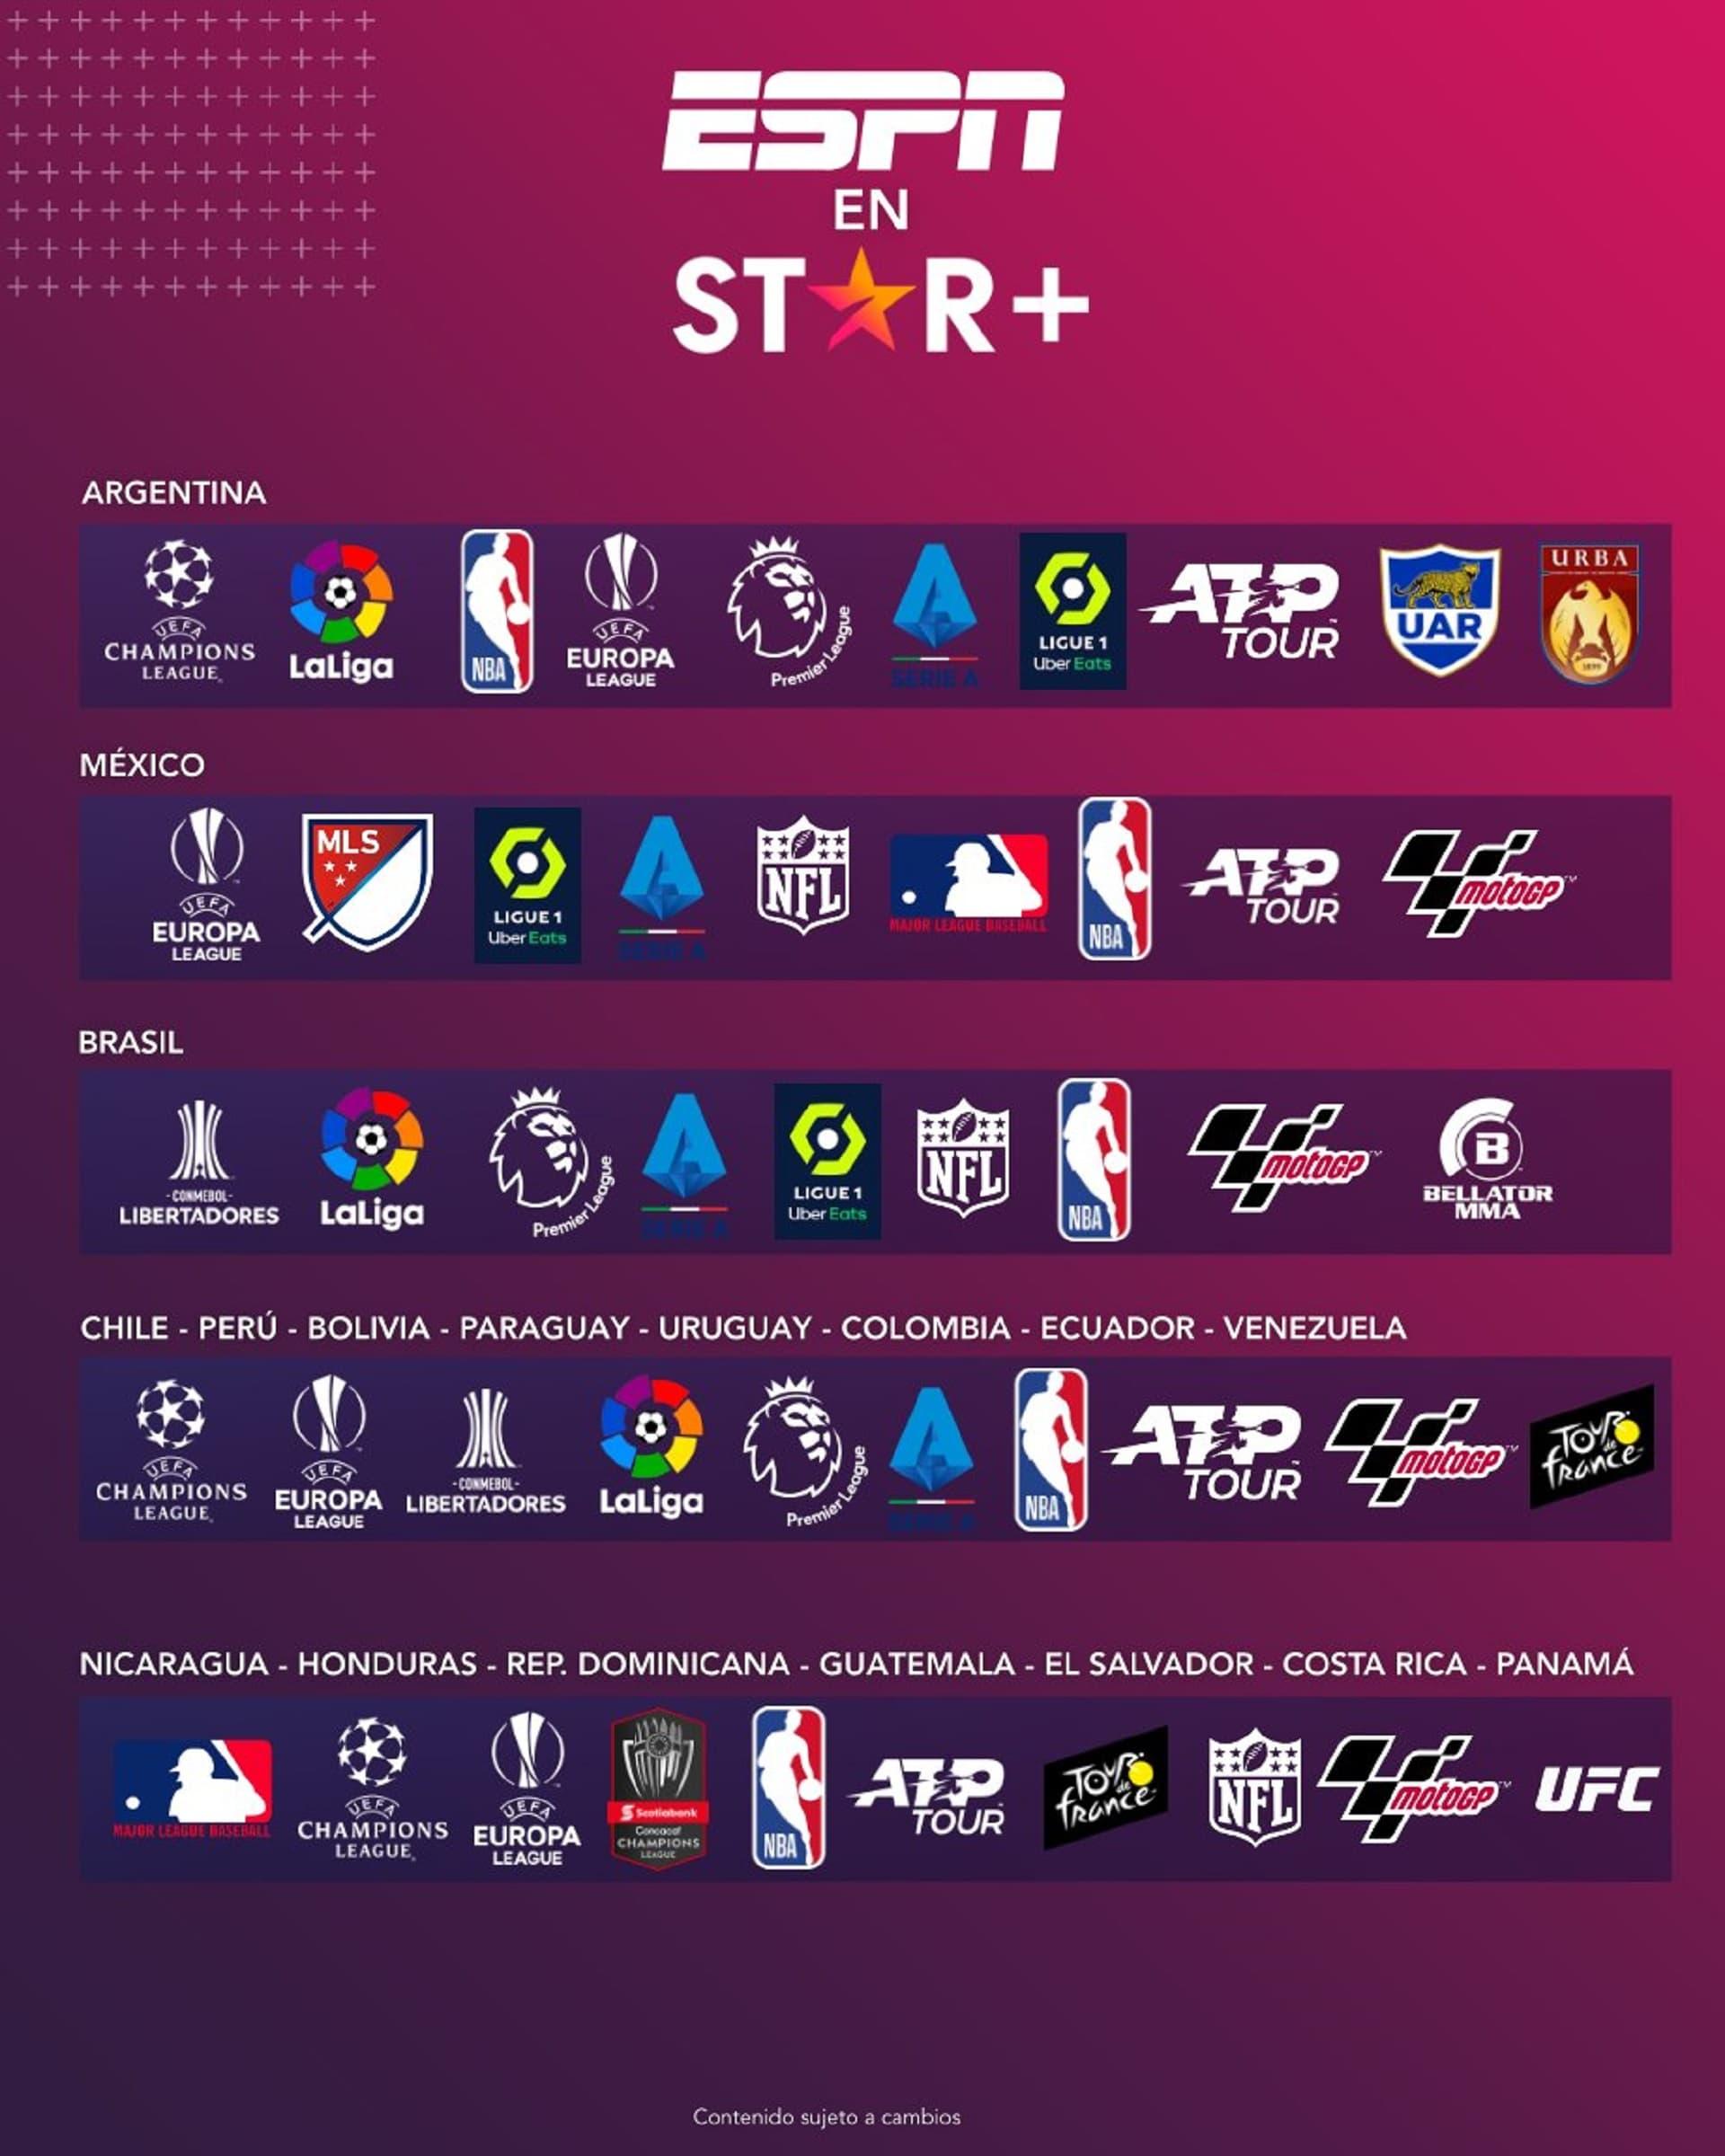 Estos son los deportes de ESPN para ver en Star Plus